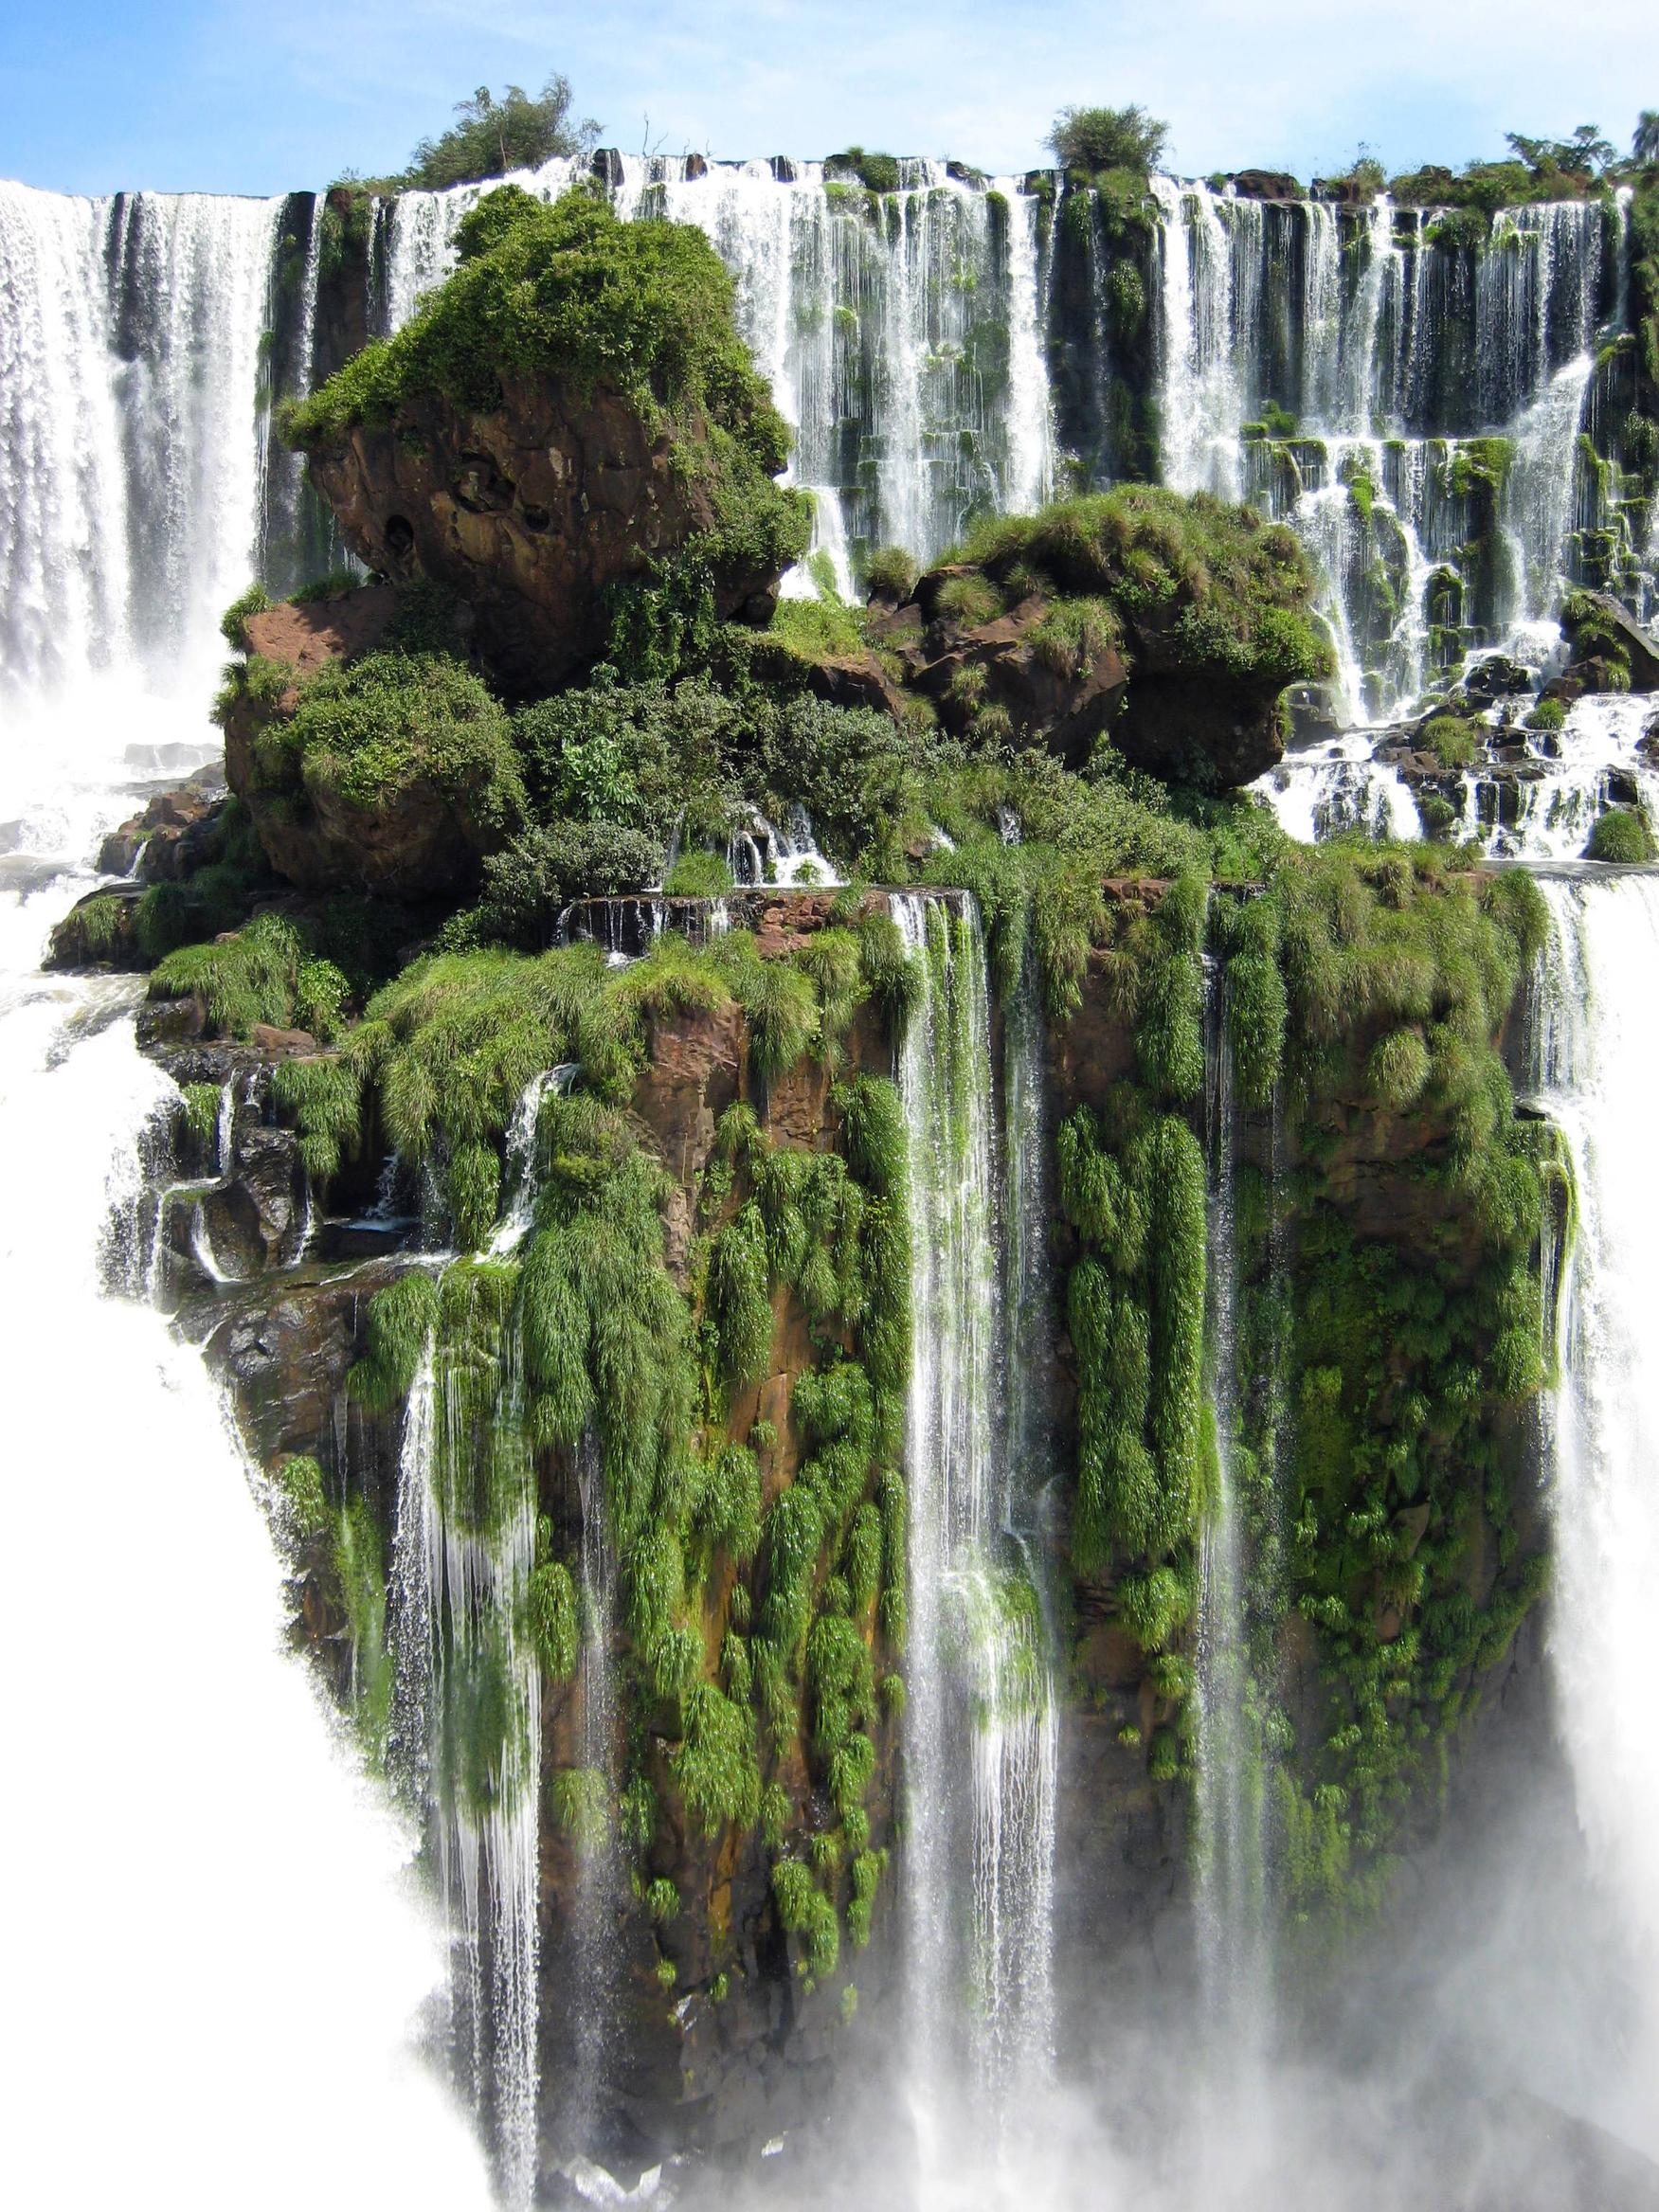 Brazil, Parana. Mała wysepka pośród wodospadów Igauzu.